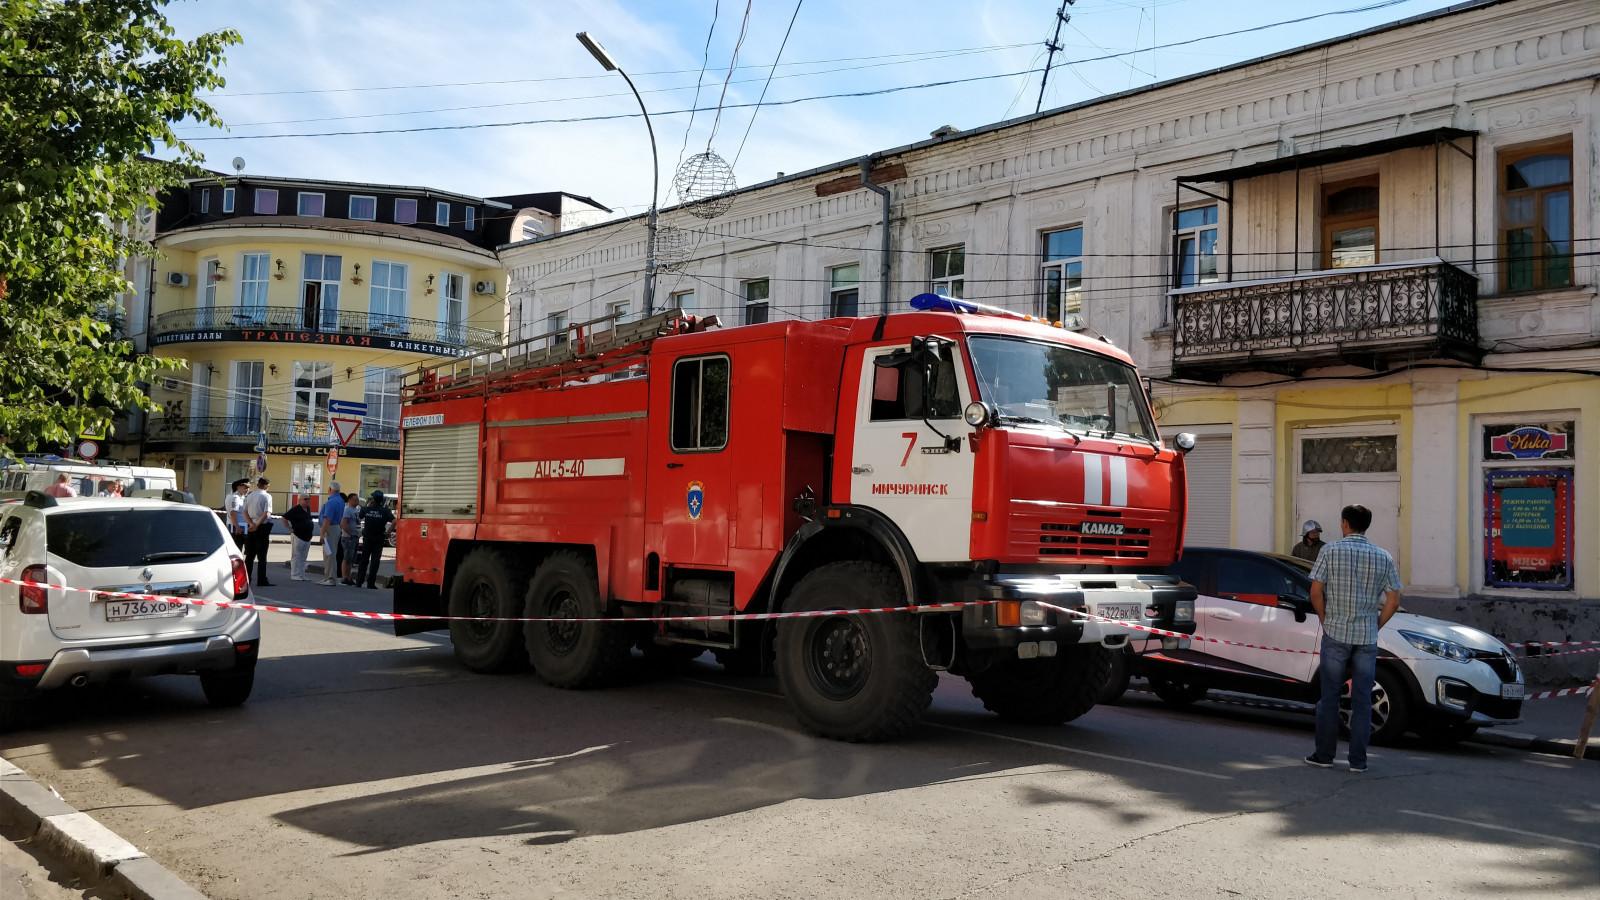 Губернатор Александр Никитин держит на контроле ситуацию по ликвидации последствий обрушения в жилом доме в Мичуринске